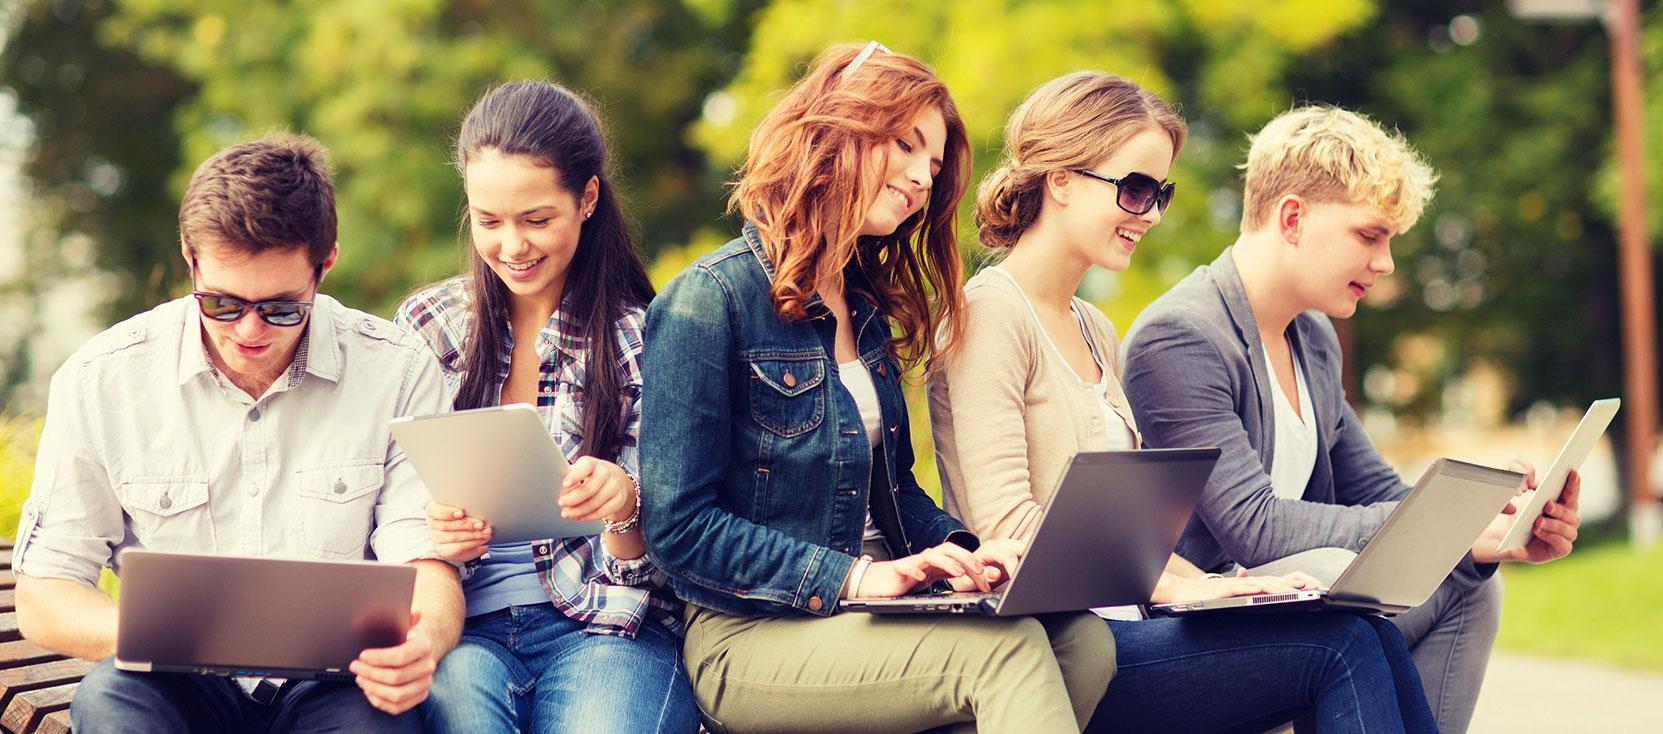 موسسه اعزام دانشجو به خارج با مجوز رسمی